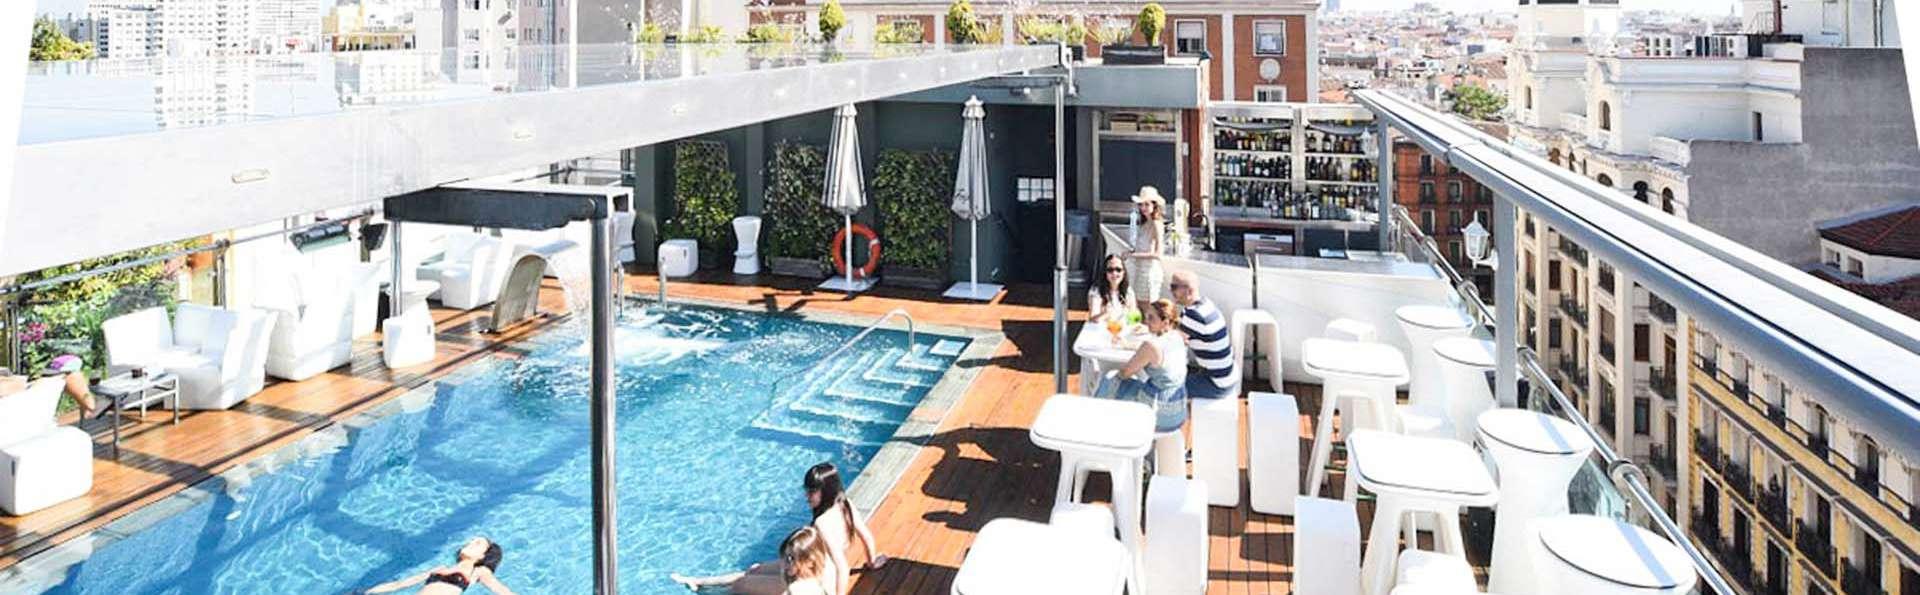 Vistas a Madrid desde la piscina de la azotea de un 4*